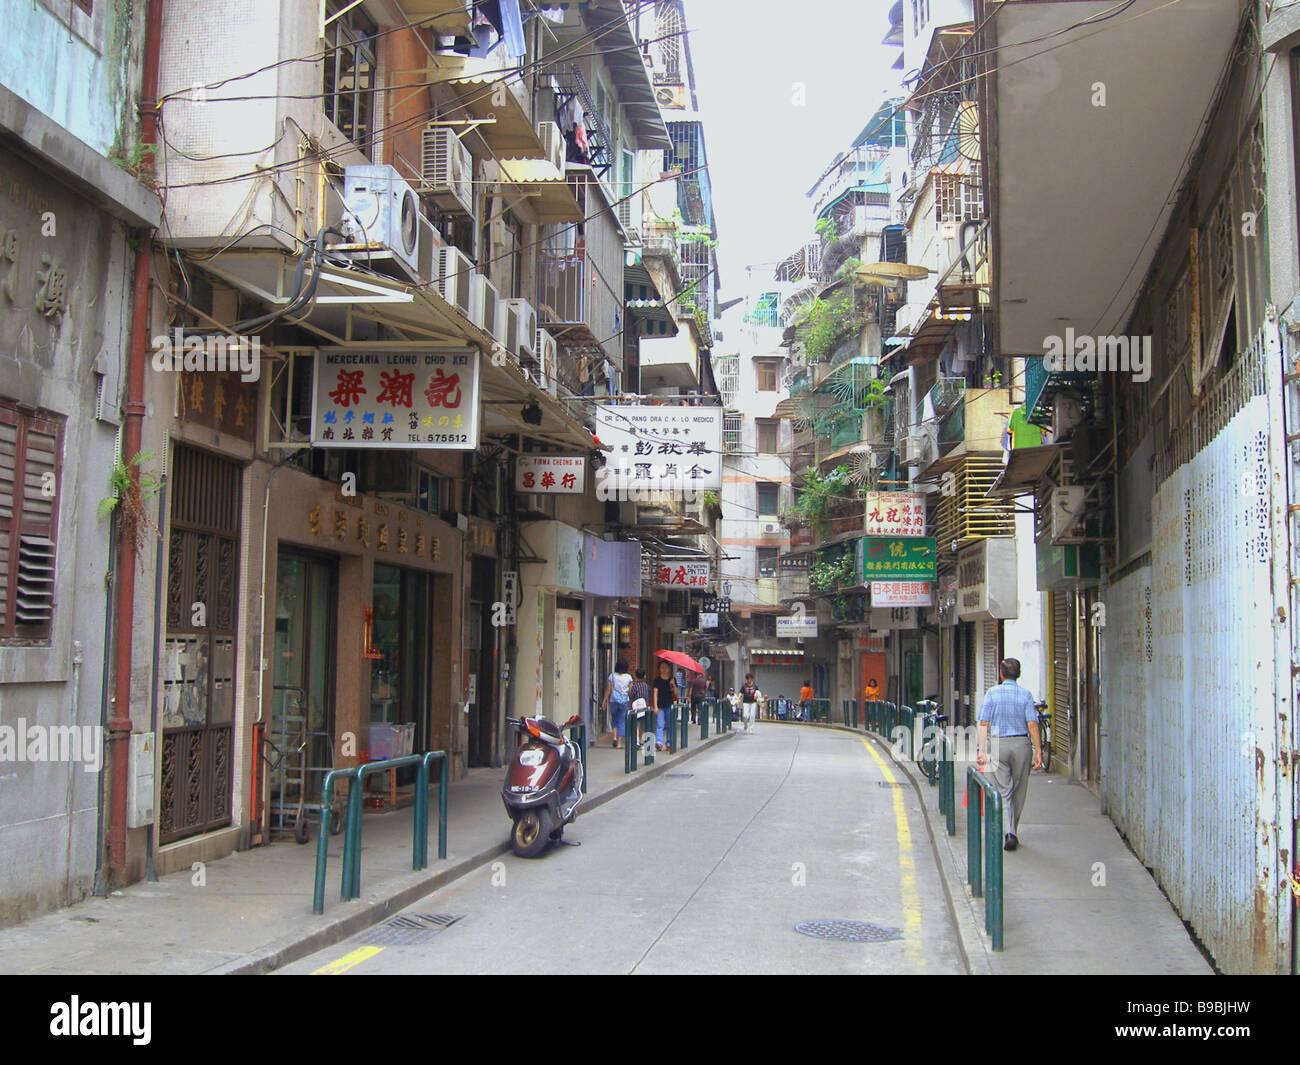 Les vieilles rues de Macao sont un fantastique mélange de la culture chinoise et portugaise Photo Stock